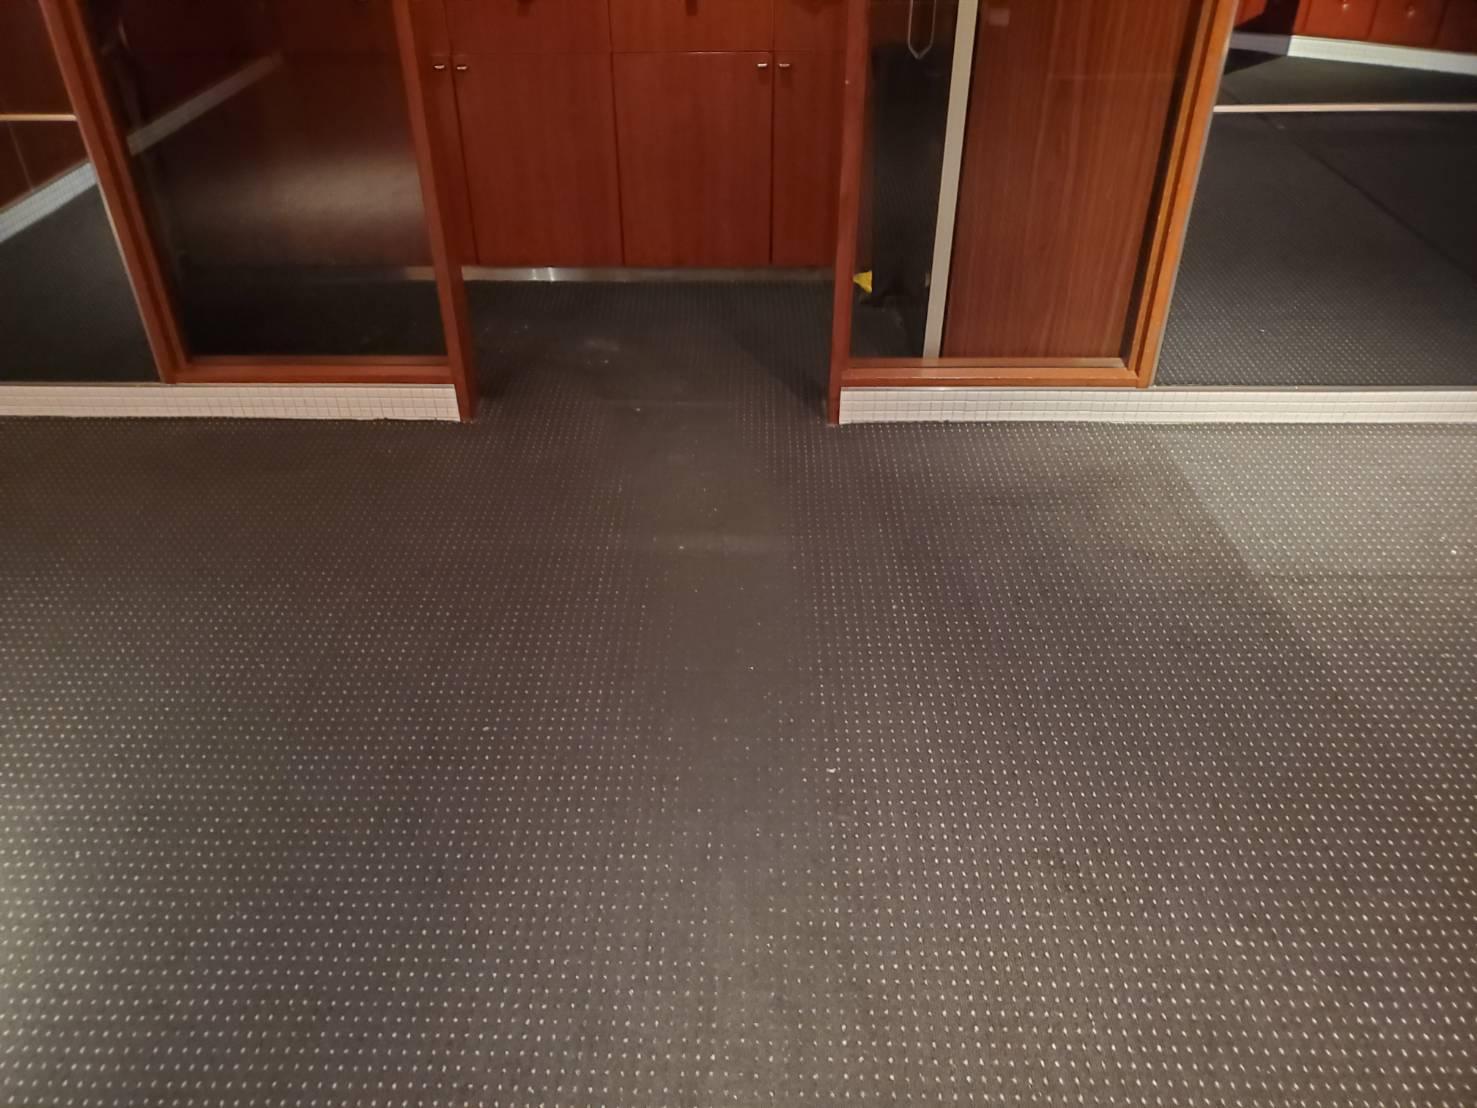 カーペット床面クリーニング、ケモノ道汚れ